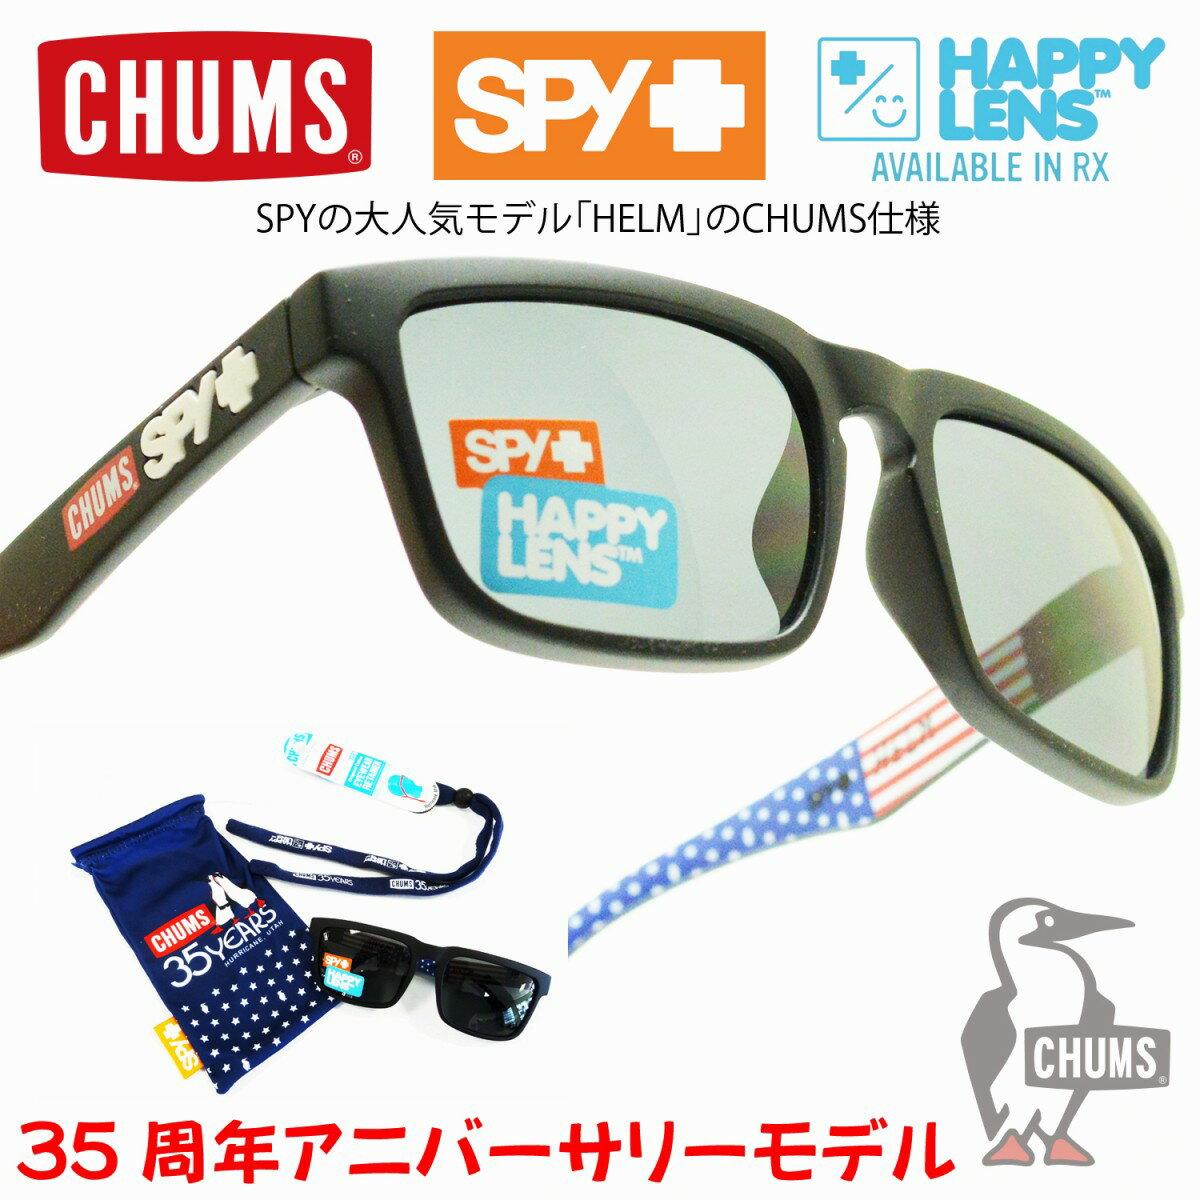 CHUMS×SPY HELM 35YEARS Sunglassesスパイとチャムスの限定コラボモデル!メガネ 眼鏡 めがね サングラス メンズ レディース おしゃれ ブランド 人気 おすすめ フレーム 流行り 度付き レンズ